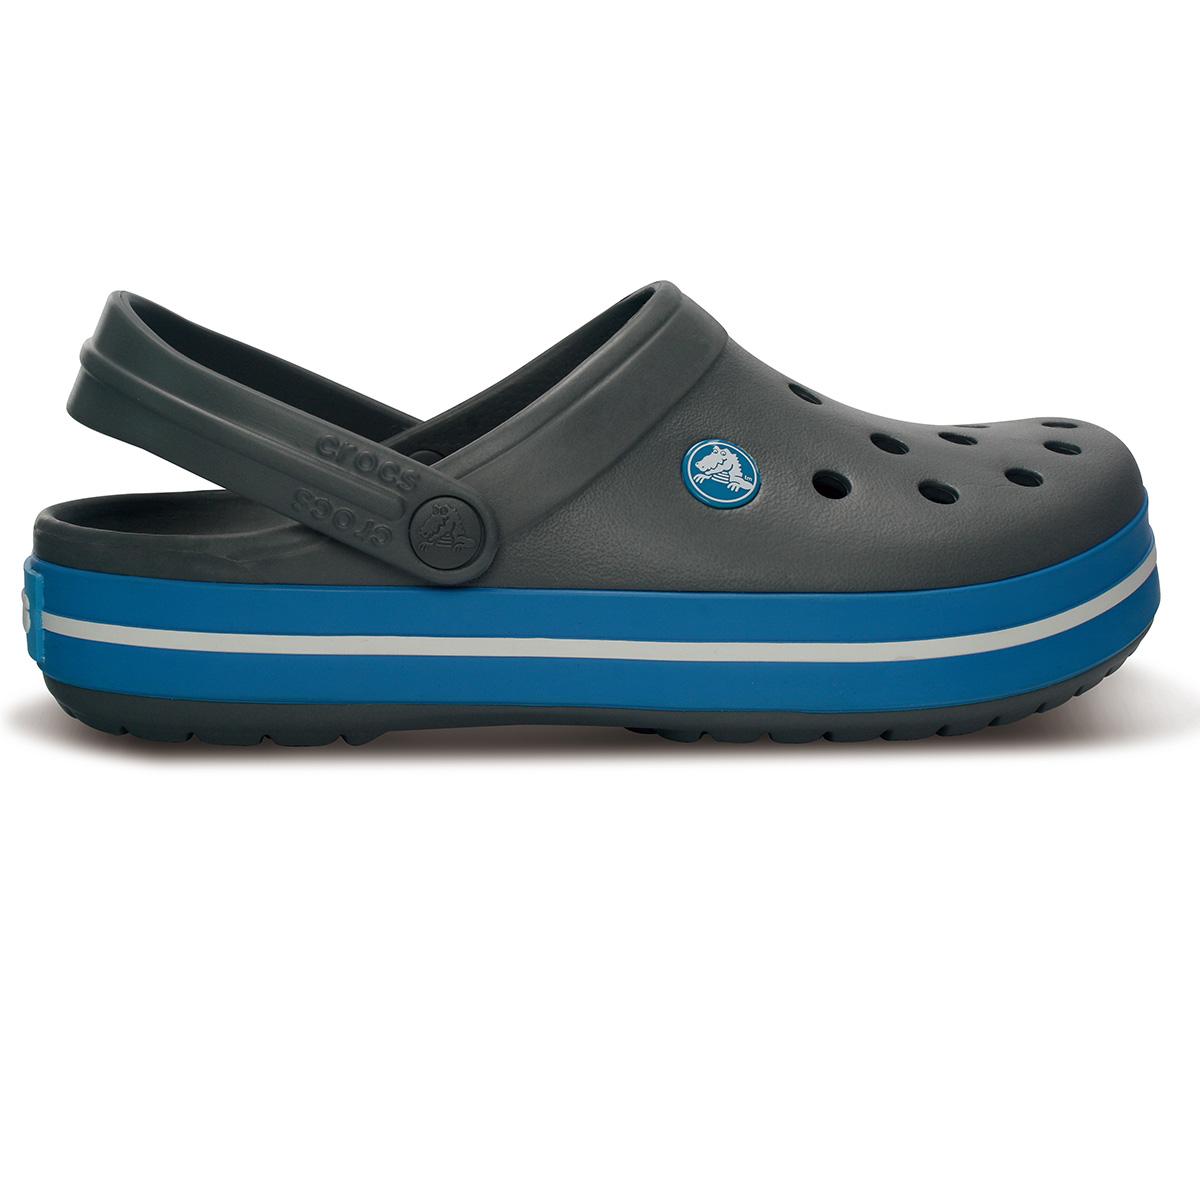 Crocs Crocband - Kömür/Okyanus